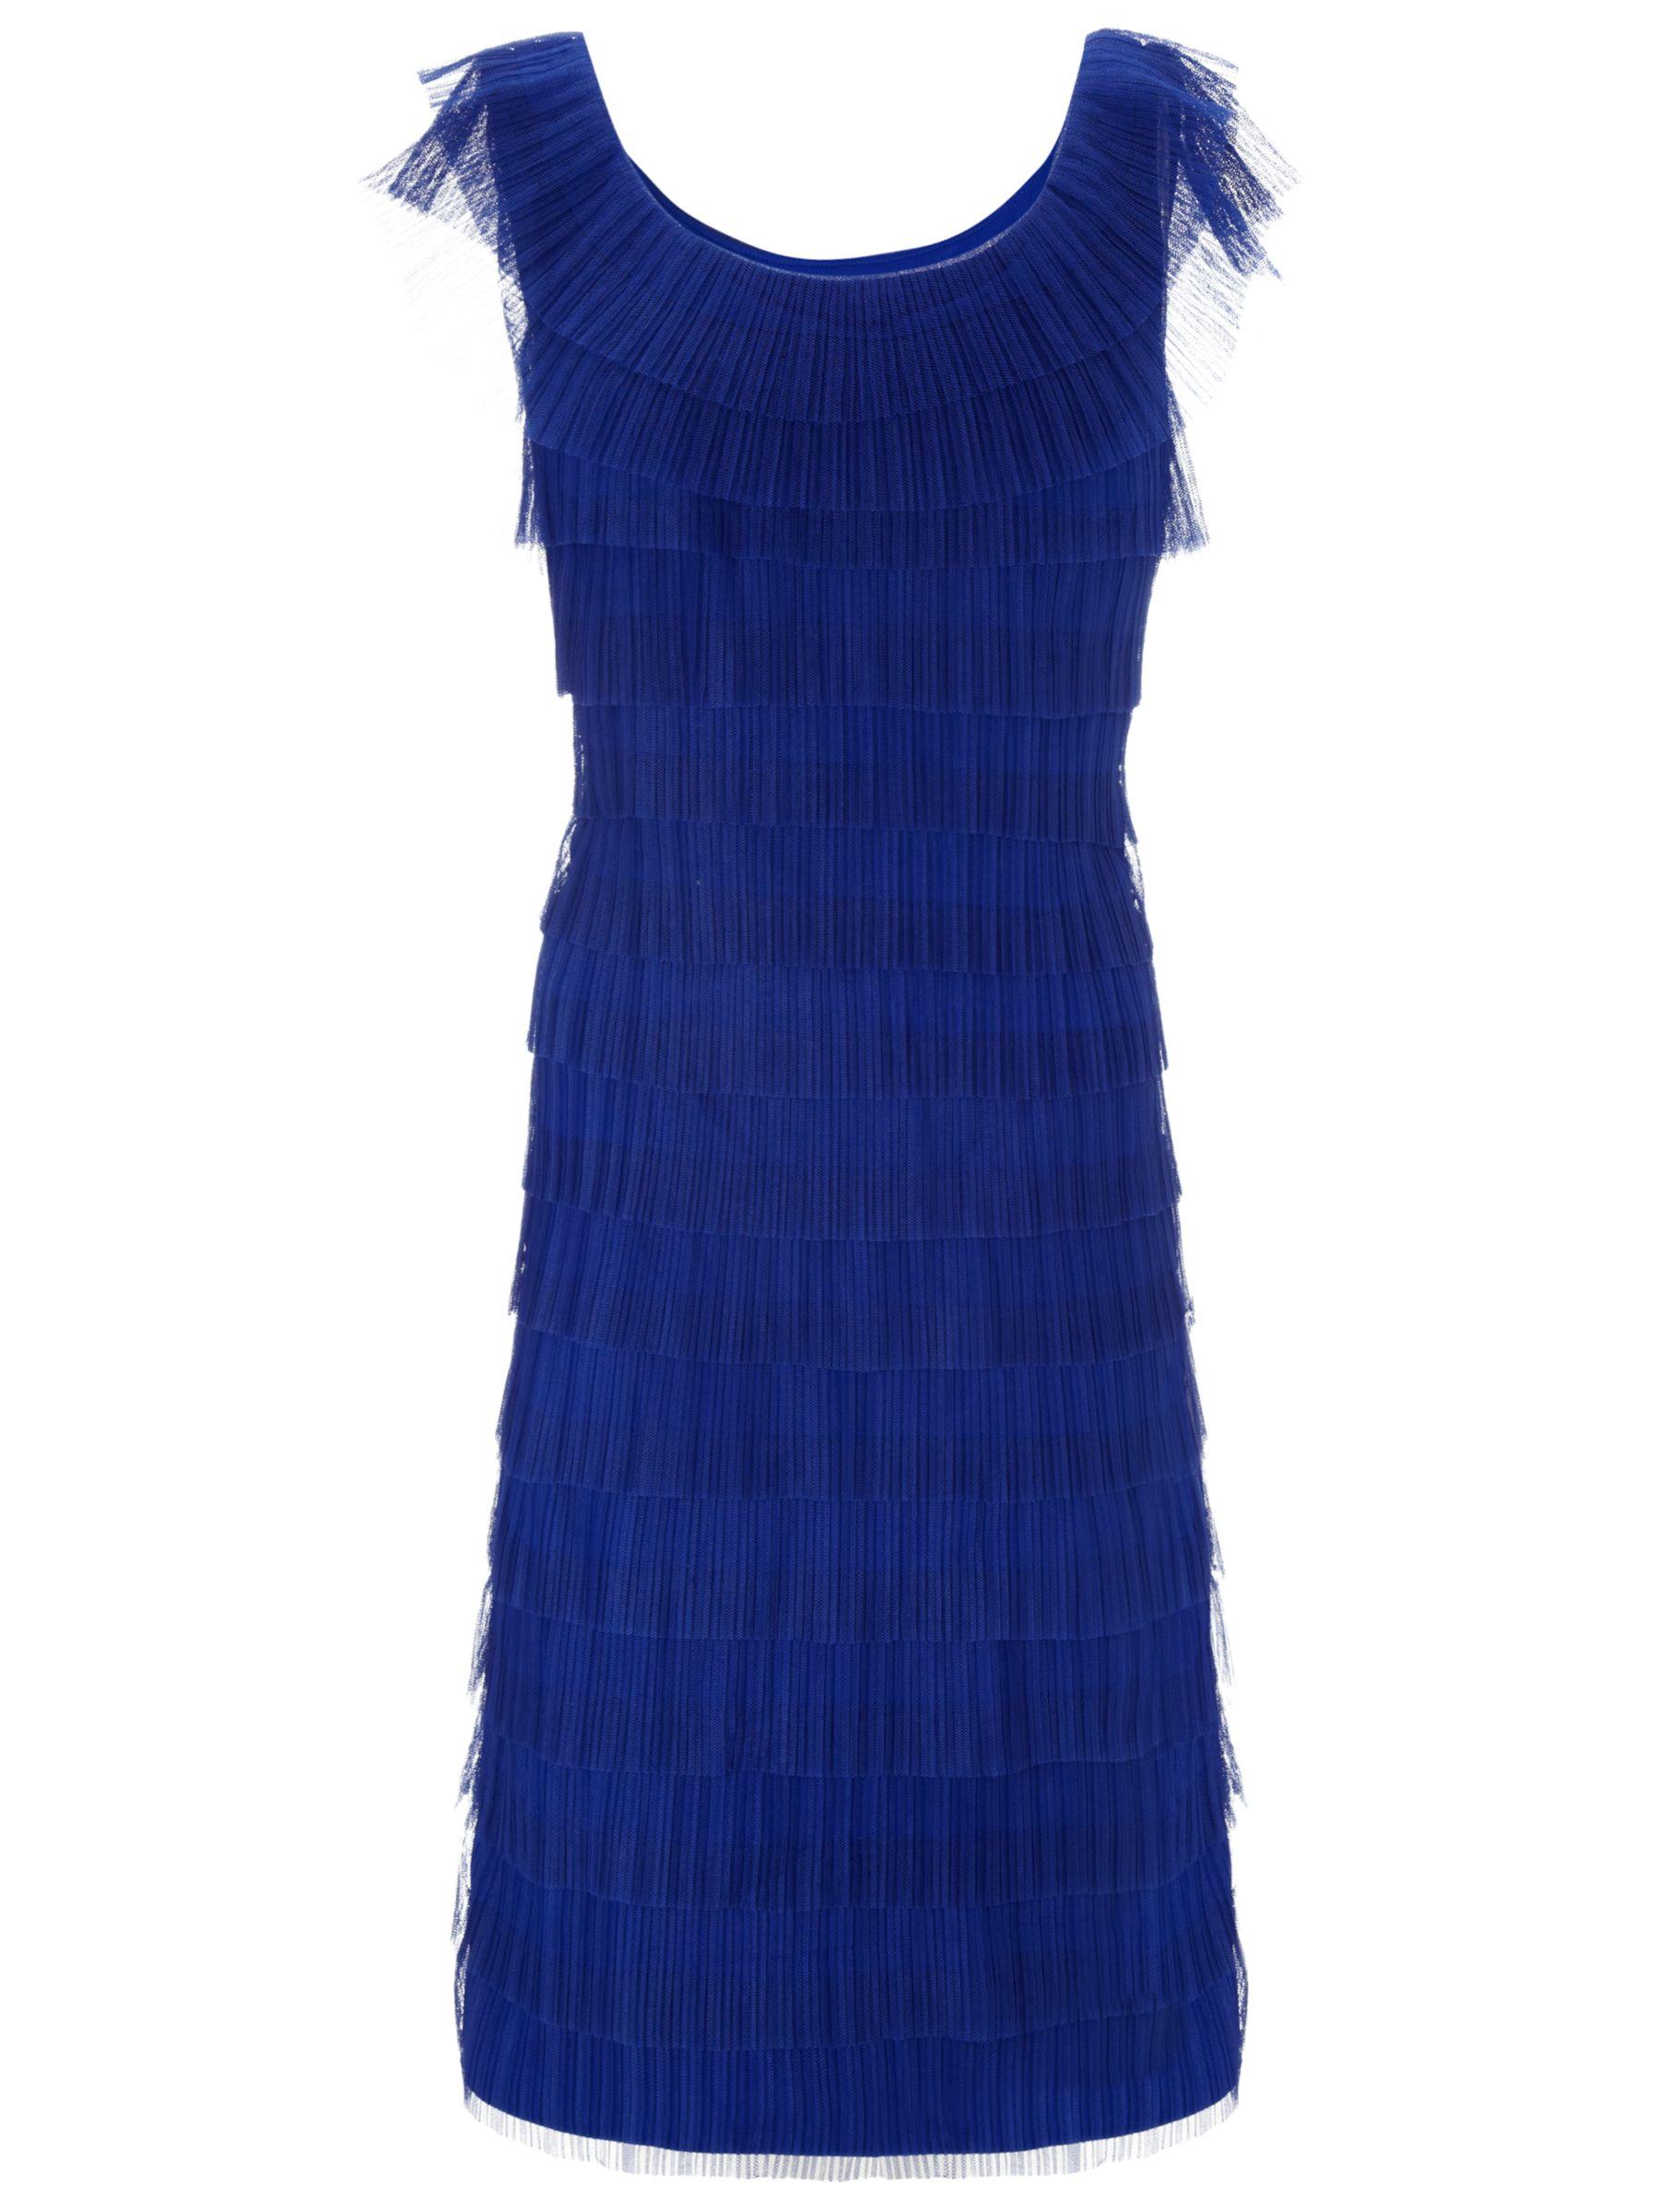 Gina Bacconi Layered Pleated Dress, Royal Blue